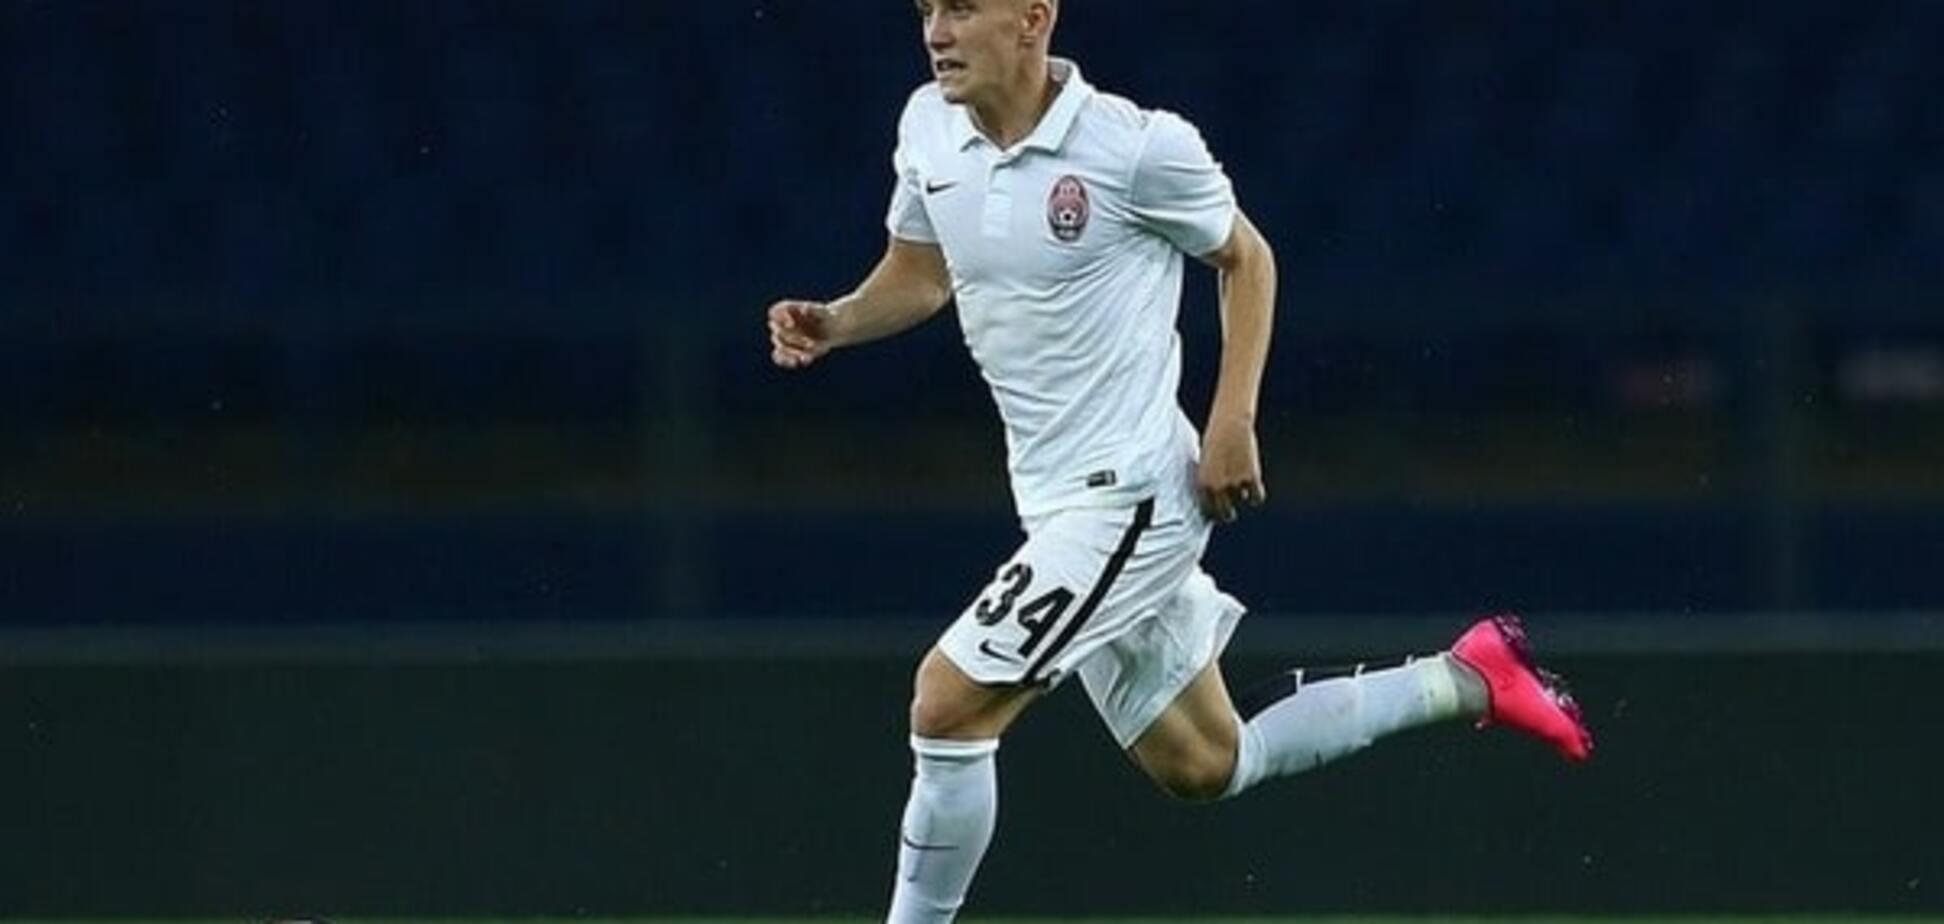 'Почав задихатися': гравець збірної України розповів про наслідки страшної травми